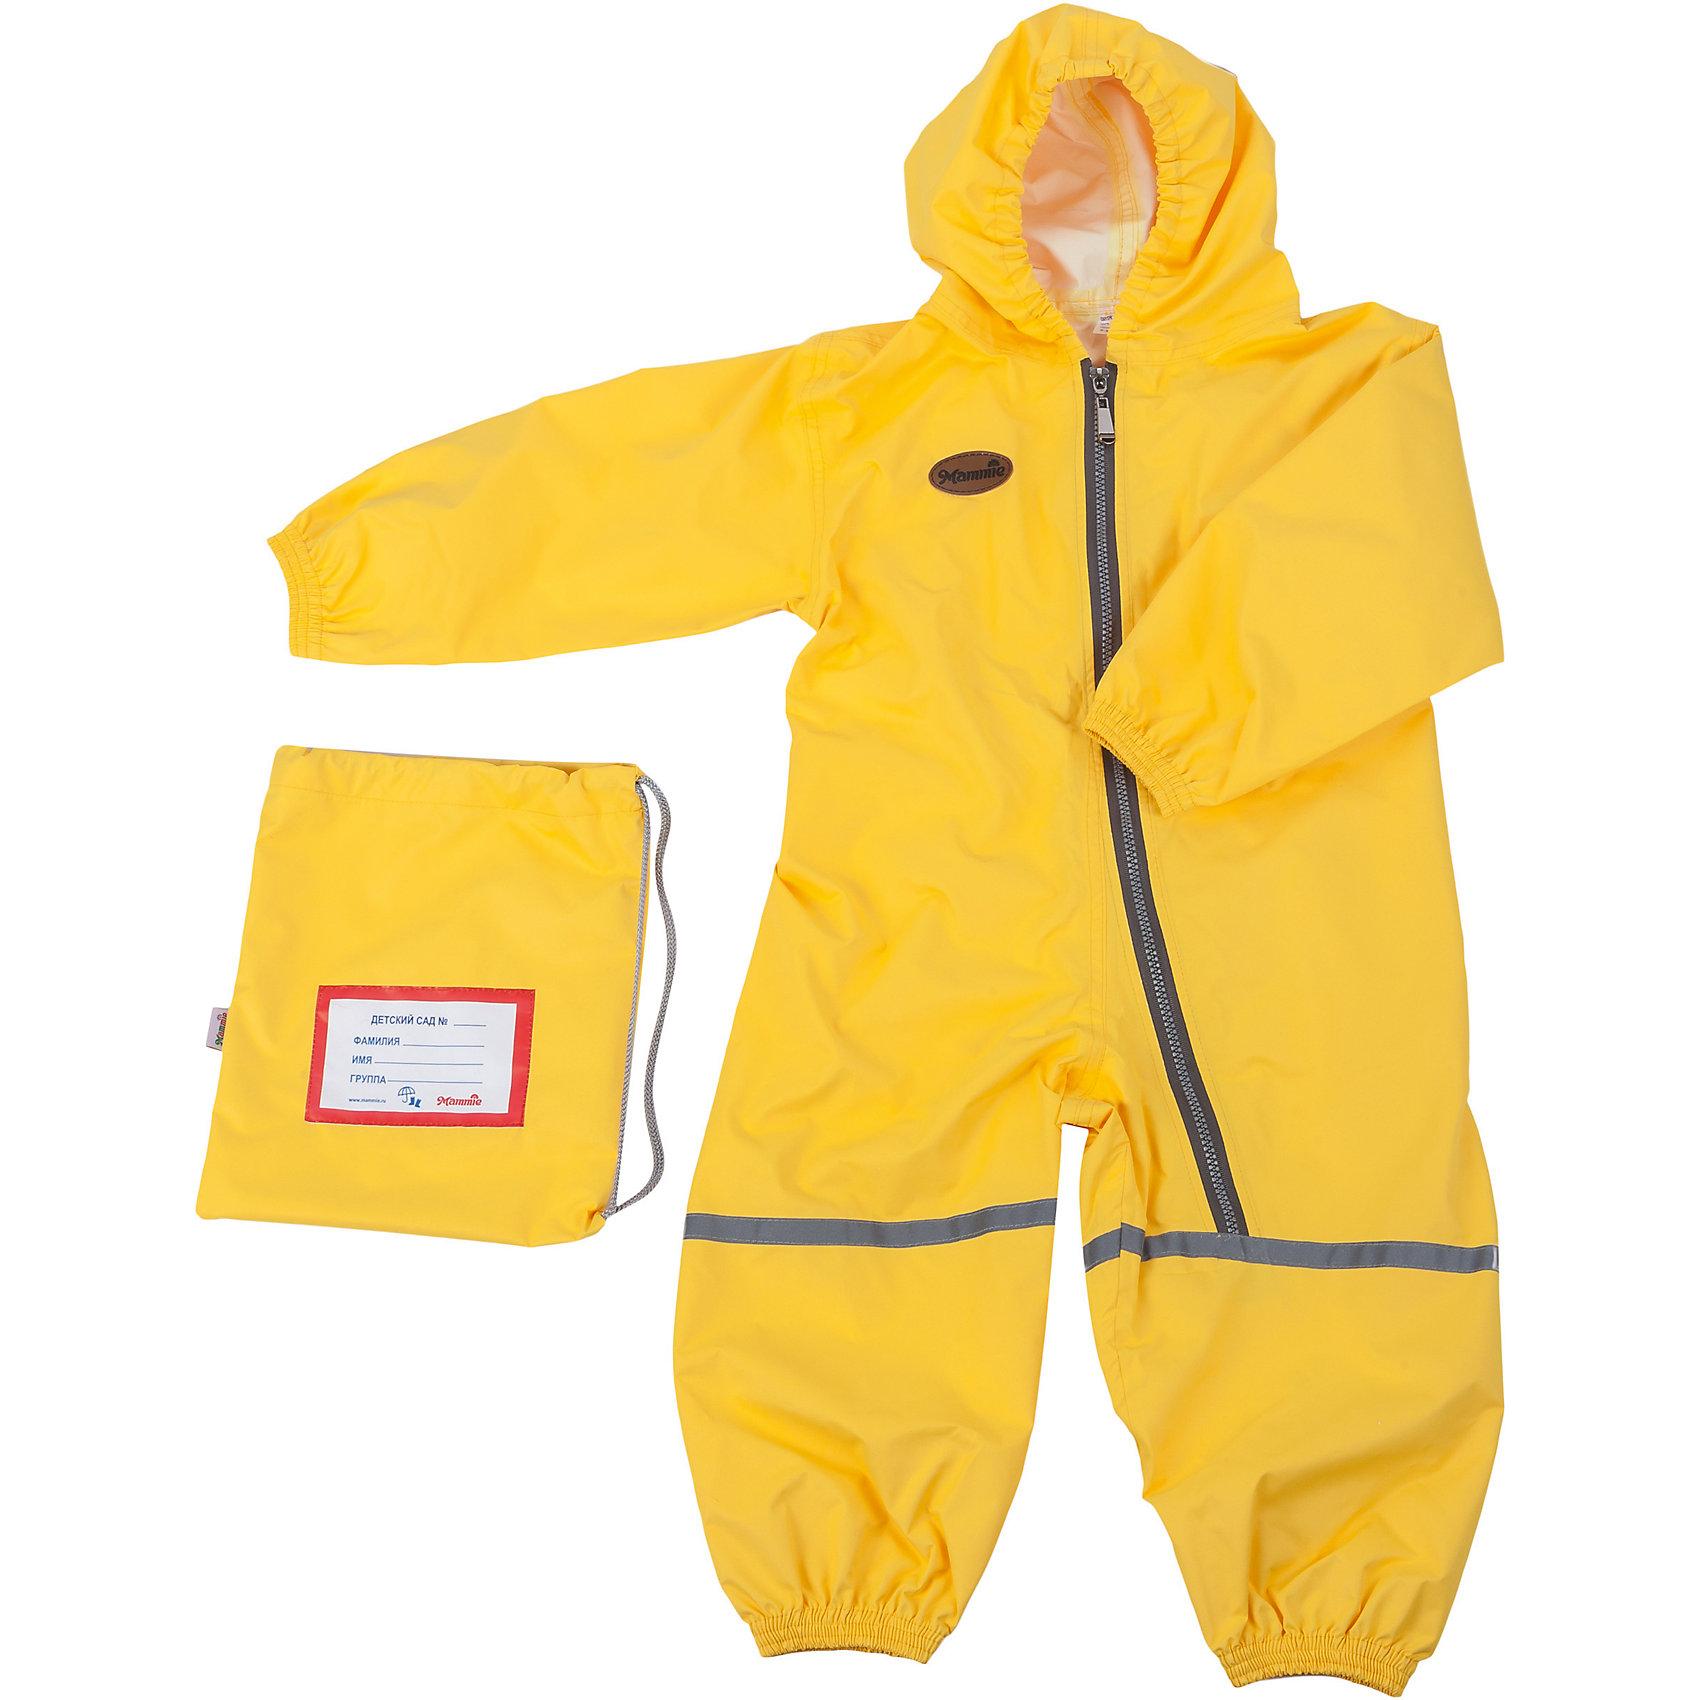 Комбинезон грязезащитный, р-р 1-2,мембрана, Mammie, желтыйВерхняя одежда<br>Комбинезон грязезащитный, р-р 1-2,мембрана, Mammie, желтый.<br><br>Характеристики:<br><br>• Для детей от 1 года до 2 лет (рост 92-98 см.)<br>• Комплектация: комбинезон, мешочек с именной нашивкой<br>• Сезон: весна, лето, осень<br>• Температурный диапазон: от -5°С до +25°С<br>• Цвет: желтый<br>• Материал: мембрана - 100% полиэстер<br>• Водонепроницаемость: 3000 мм. <br>• Дышащие свойства: 3000 гр/кв.м/24ч<br>• Уход: машинная стирка при 30°С<br>• Размер упаковки: 20х30х5 см.<br>• Вес: 200 гр.<br><br>Детский грязезащитный, 100% непромокаемый дышащий комбинезон одевается поверх любой верхней одежды. Комбинезон утянут в поясе при помощи резинки. Глубокая молния позволяет ребенку самостоятельно надеть комбинезон. Ткань комбинезона не препятствует воздухообмену. Швы проклеены водозащитной лентой. Светоотражающие элементы повышают безопасность ребенка в темное время суток. Комбинезон отлично подходит для прогулок в детском саду в осенне-весенний период с грязью, лужами и слякотью. Легко стирается и моментально сохнет. Упакован в индивидуальный мешочек с именной нашивкой, который можно подвесить в шкафчик ребенка.<br><br>Комбинезон грязезащитный, р-р 1-2,мембрана, Mammie, желтый можно купить в нашем интернет-магазине.<br><br>Ширина мм: 200<br>Глубина мм: 300<br>Высота мм: 50<br>Вес г: 200<br>Возраст от месяцев: 12<br>Возраст до месяцев: 24<br>Пол: Унисекс<br>Возраст: Детский<br>SKU: 5613241